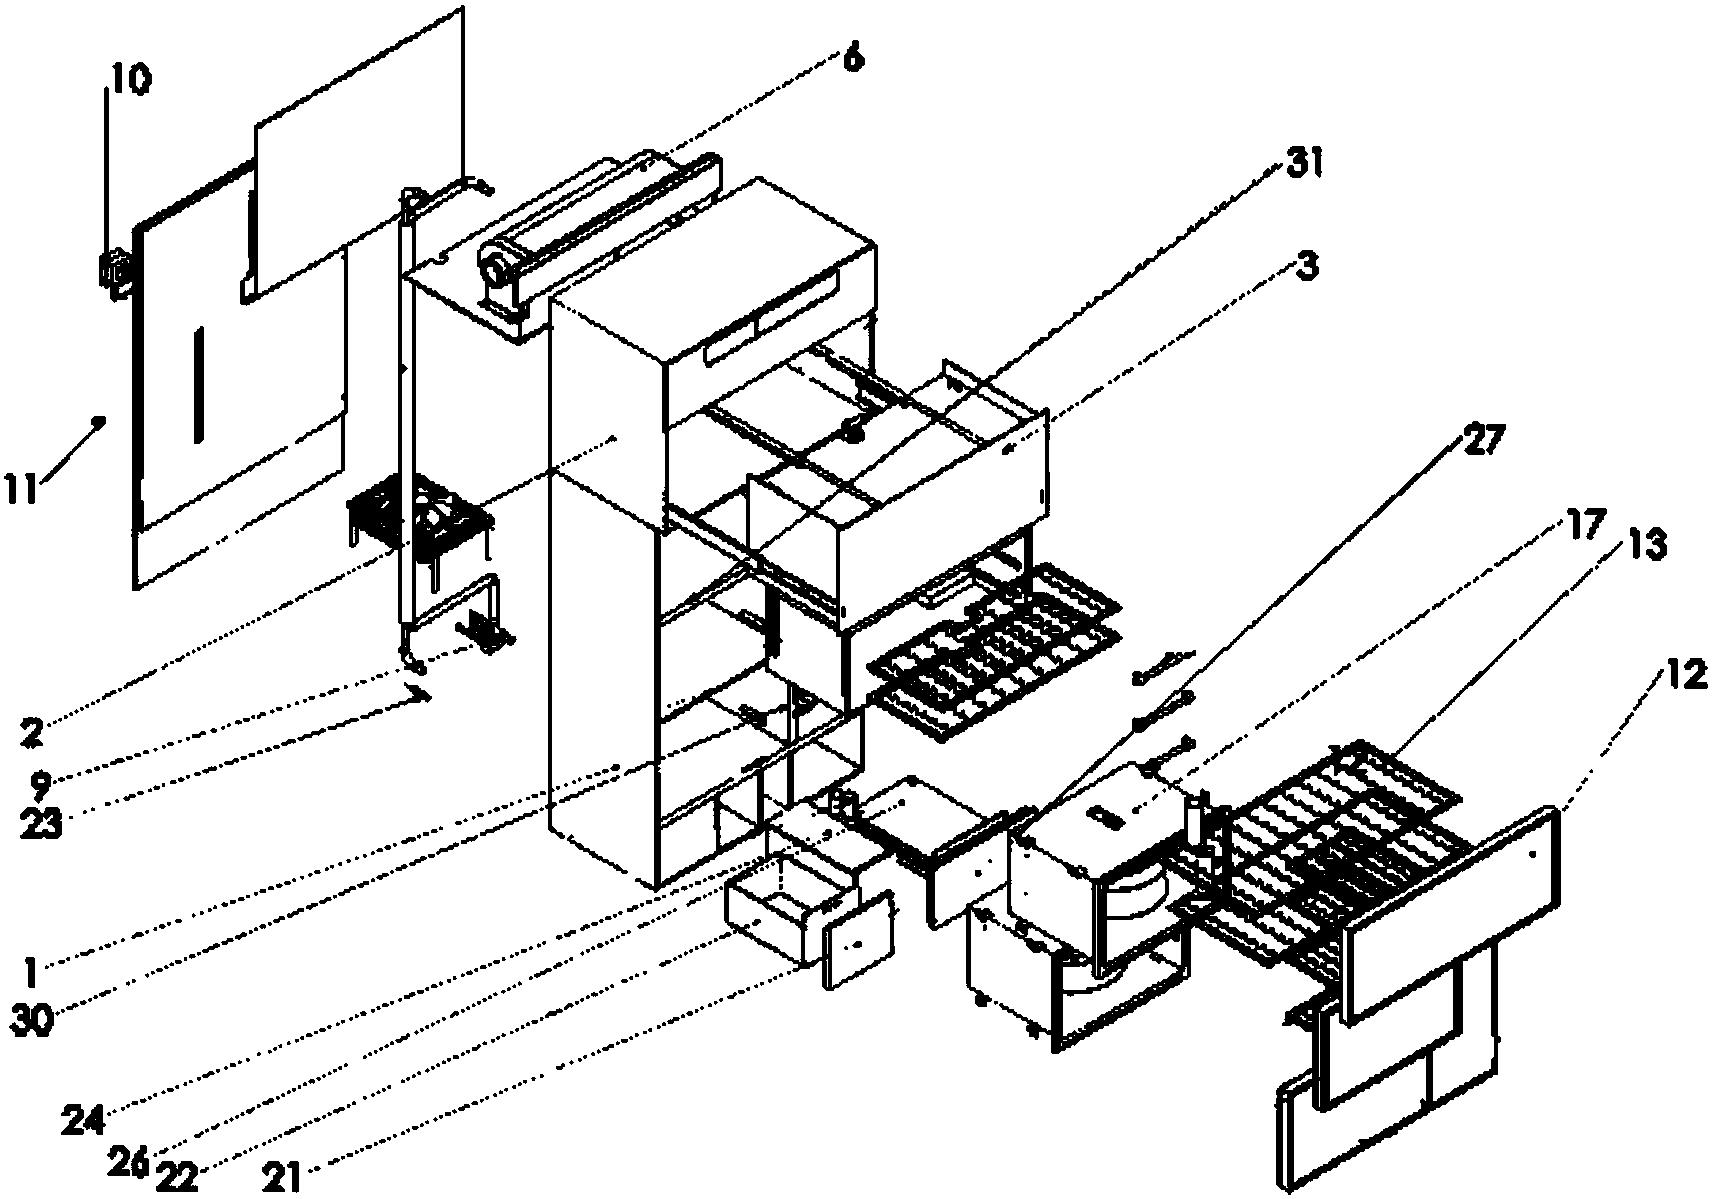 空调和消毒碗柜集成设备(公开号:CN206176631U)